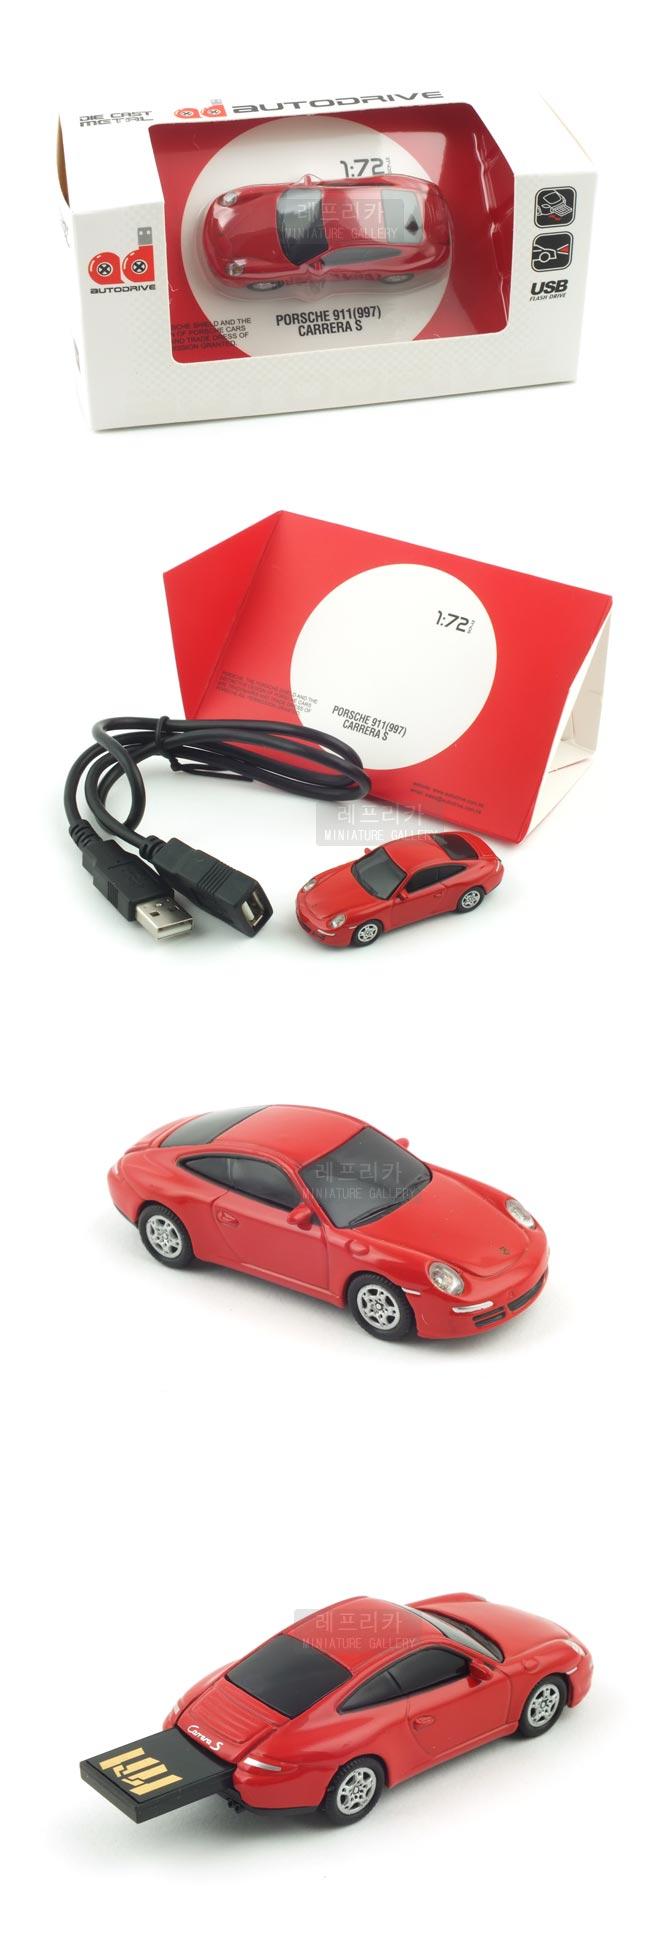 포르쉐 911 까레라 USB 16GB (WE002077RE) - 레프리카, 70,000원, 캐릭터형 USB 메모리, USB 16G